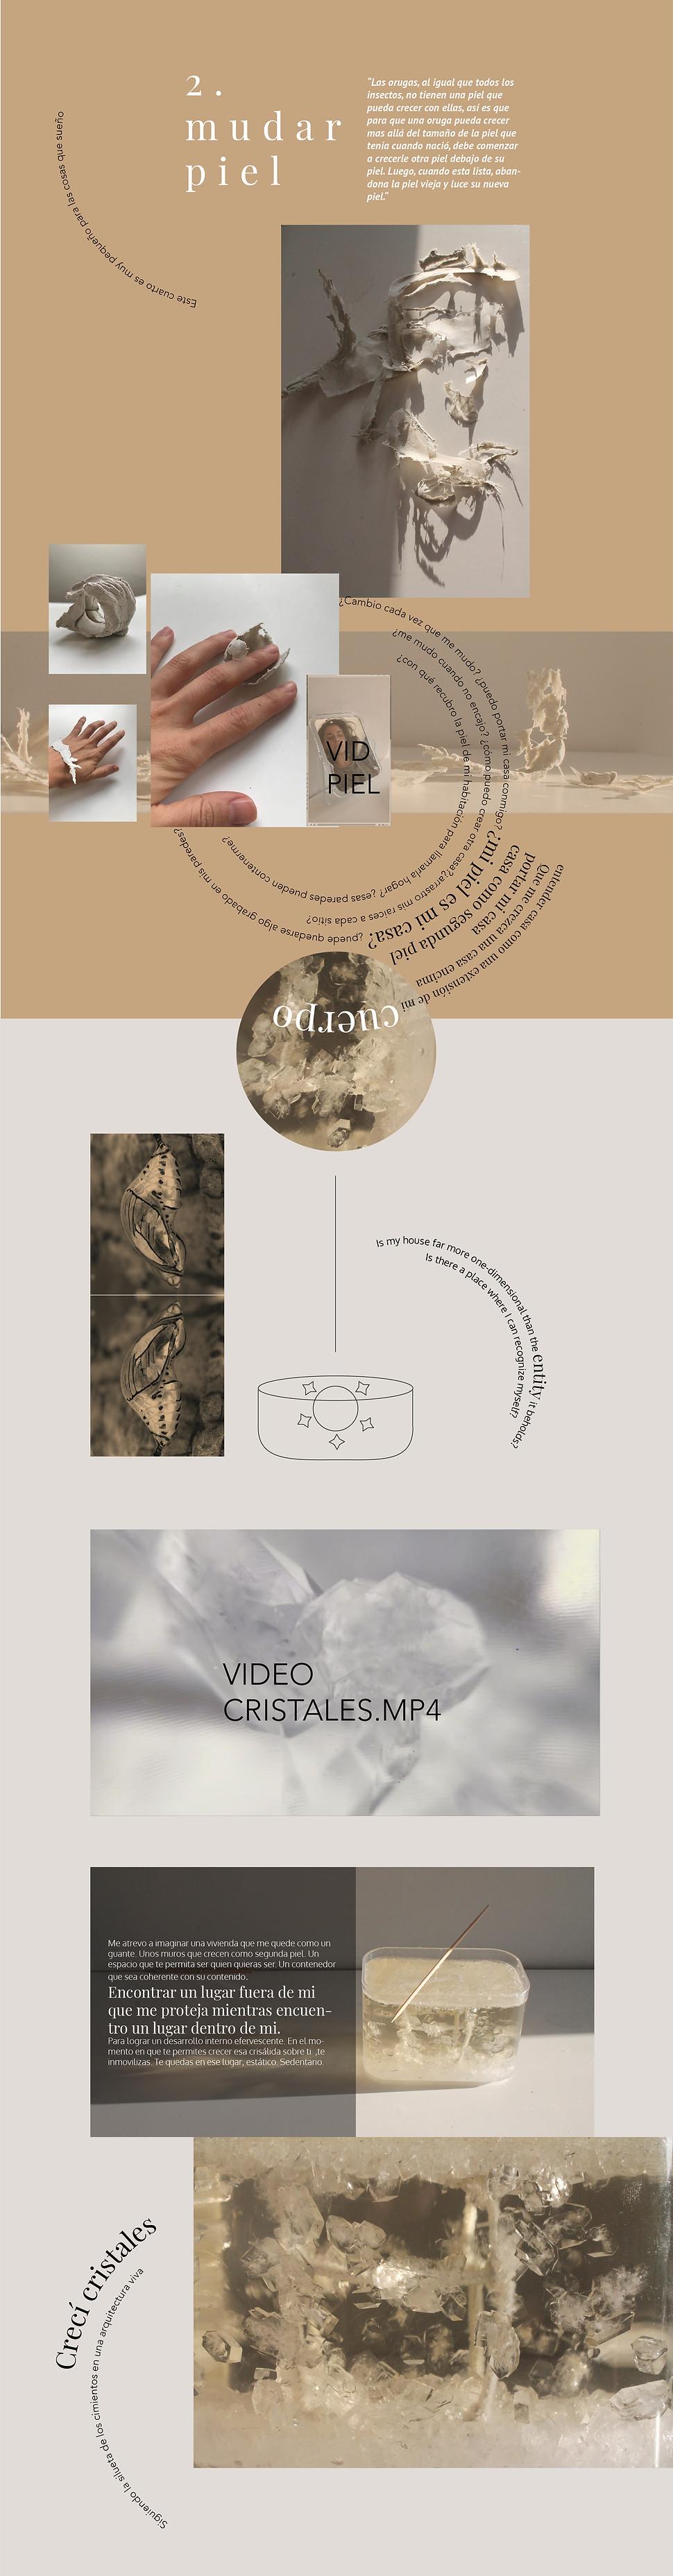 diseño2-01.jpg